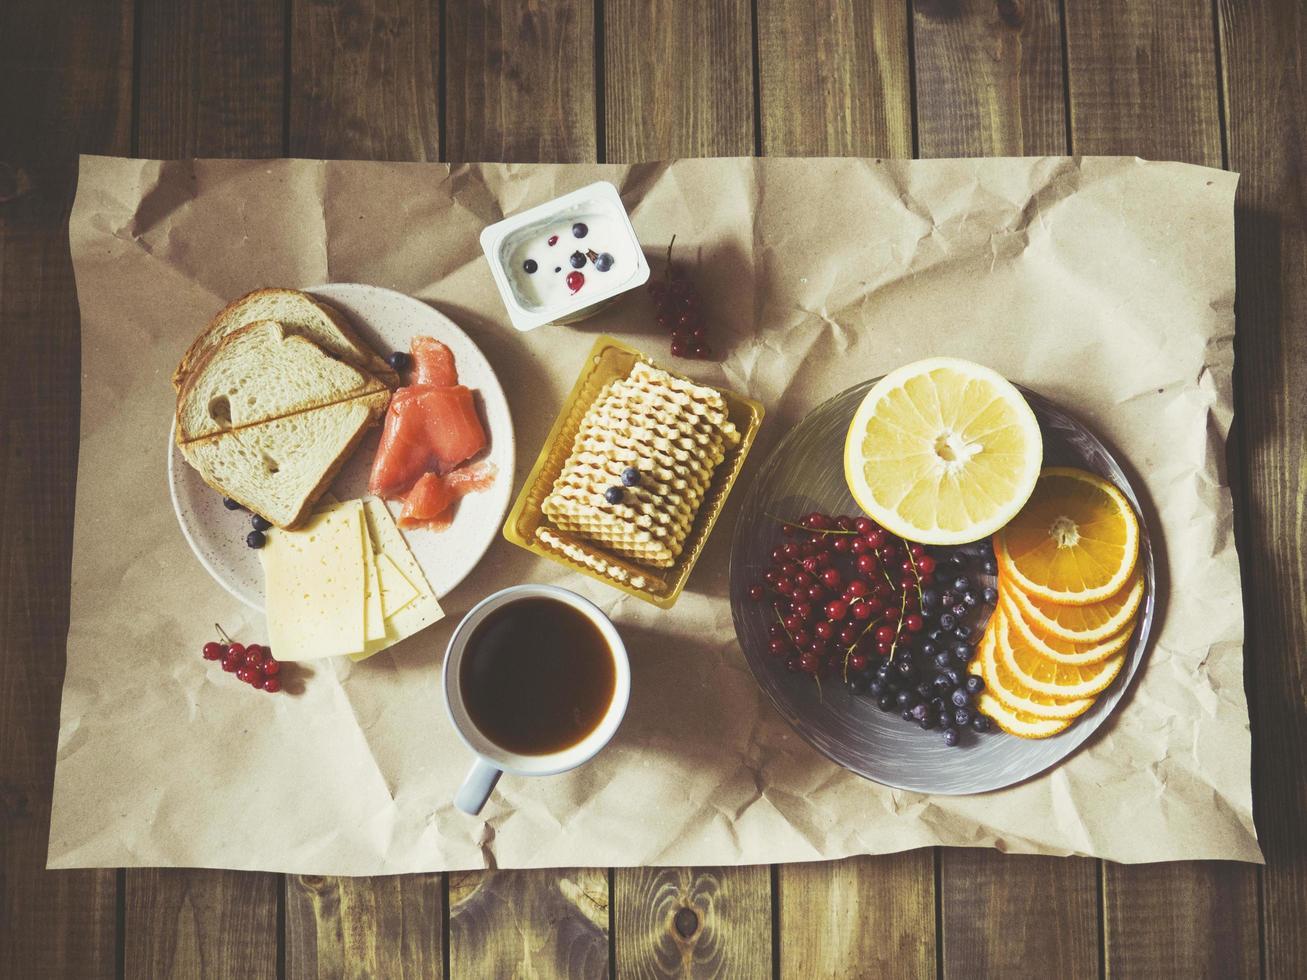 colazione sparsa su carta artigianale foto